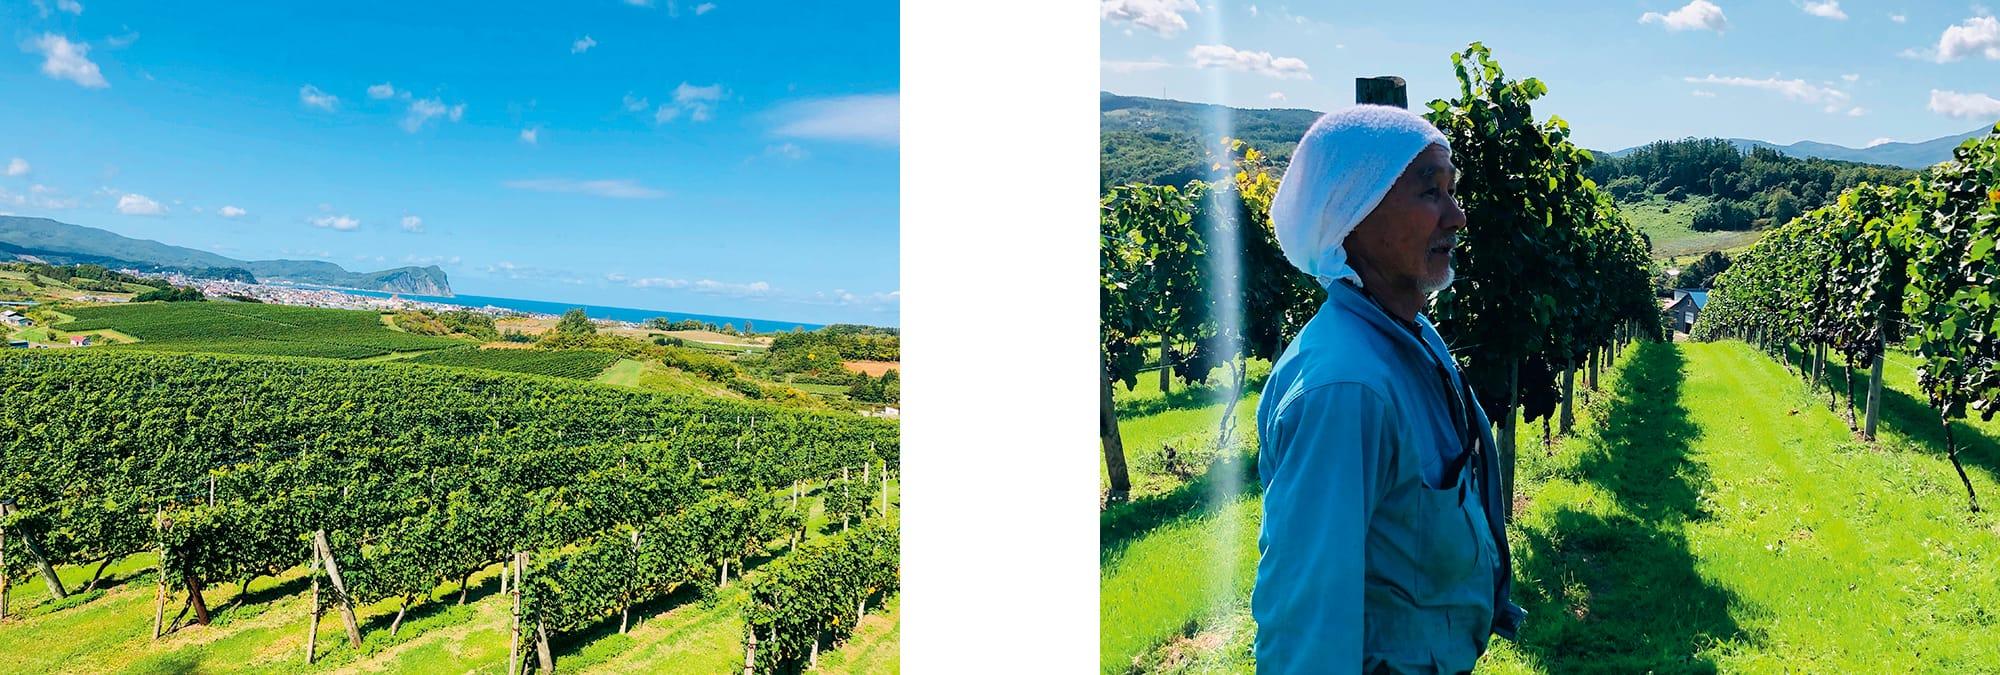 左:日本海を見下ろす起伏の豊かな傾斜地に広がる余市のぶどう畑。年間平均気温8.1℃と冷涼だが、北海道の中では比較的温暖で凍害の心配も少なく、酸味を維持しながらぶどうが成熟する恵まれた地。右:「グランポレール」の契約栽培農家のひとり、弘津敏。ピノノワール、ツヴァイゲルトレーベ、ケルナー等の栽培を手掛けている。